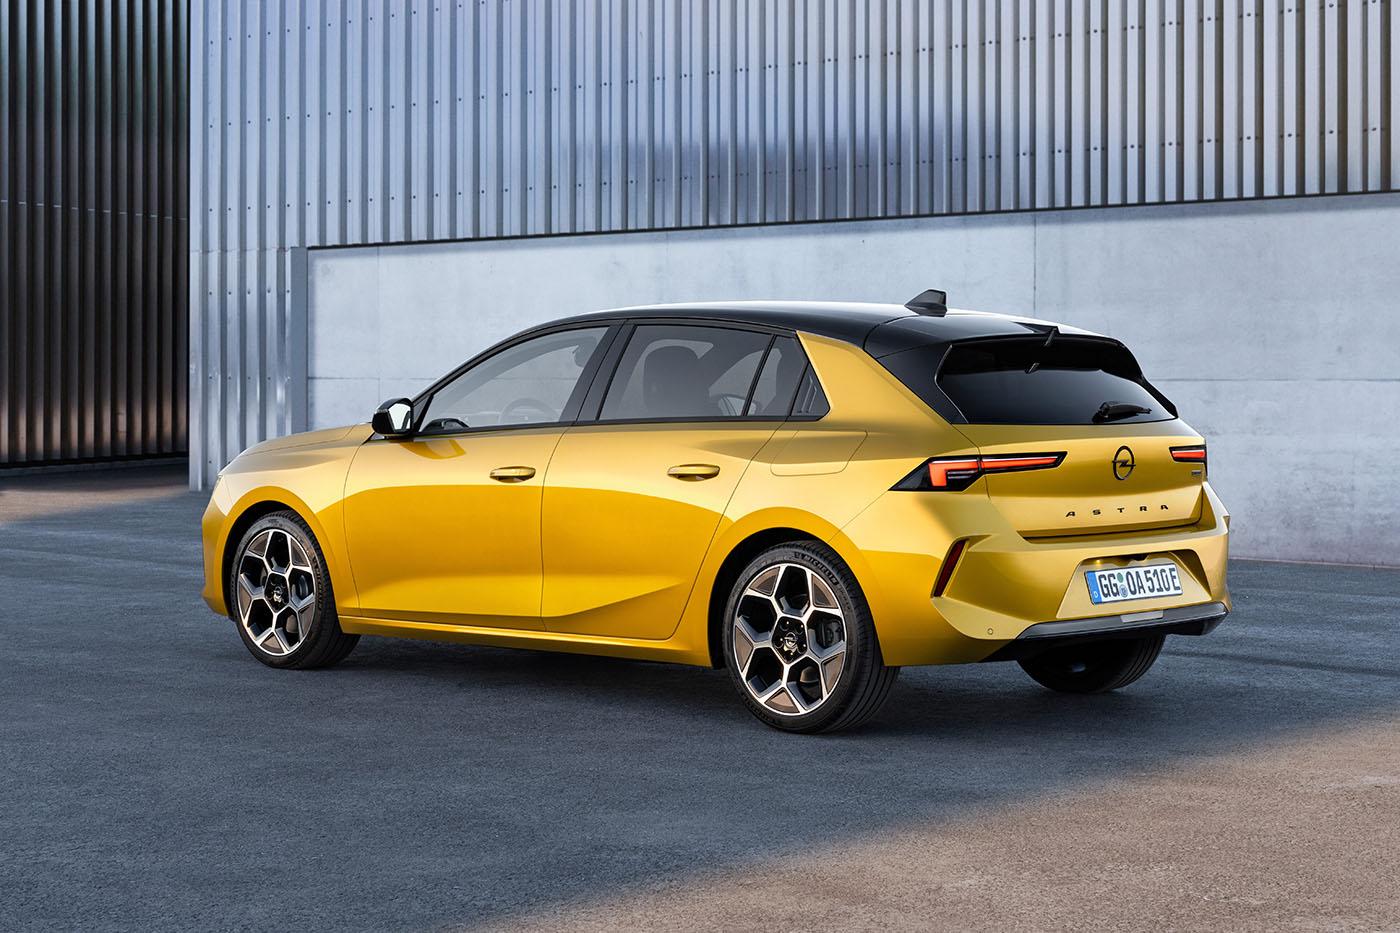 Νέο Opel Astra: νέα γενιά - για πρώτη φορά και plug-in υβριδικό